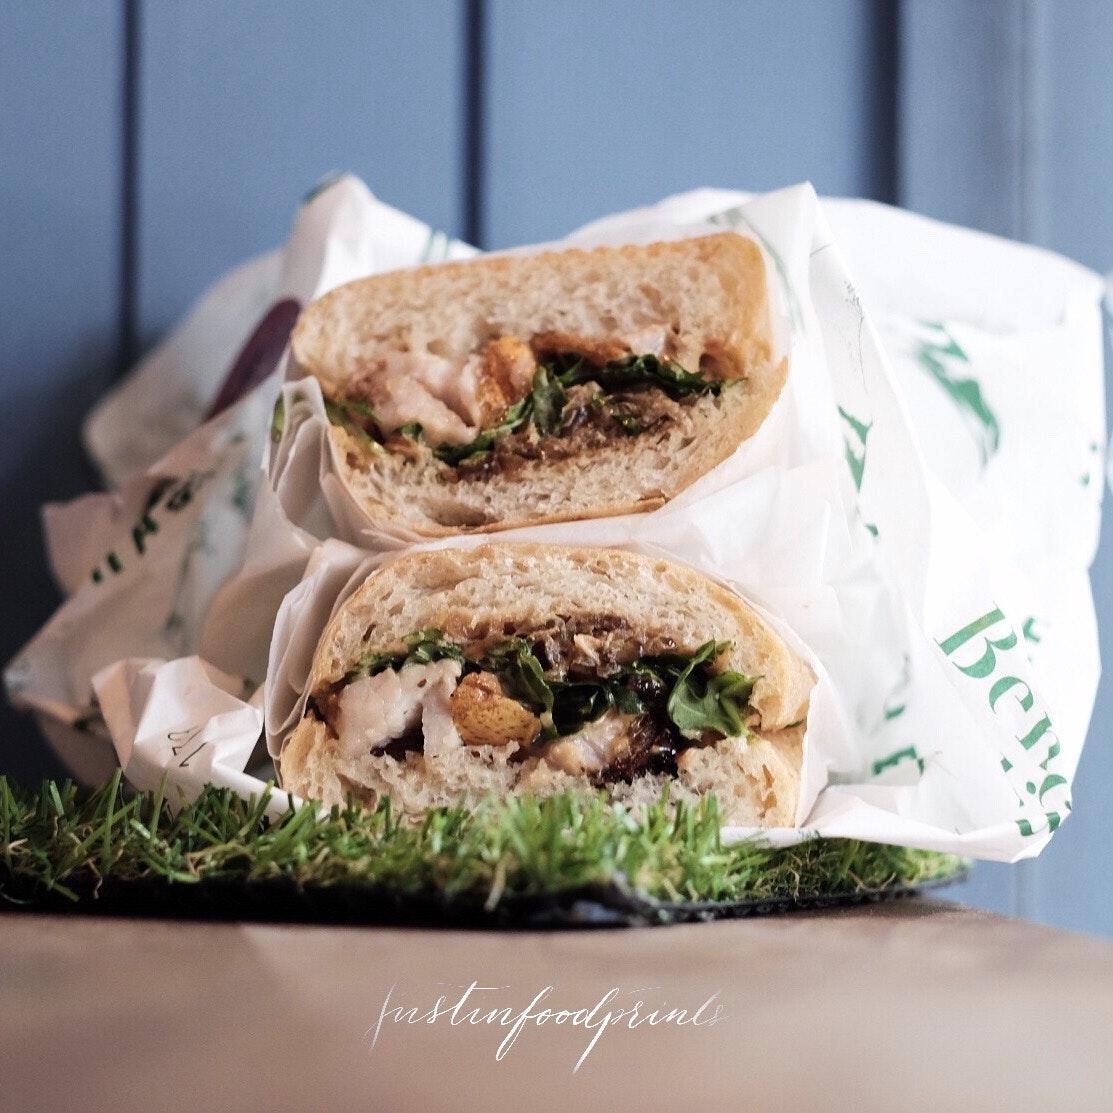 Porcetta Sandwich ($16 nett)